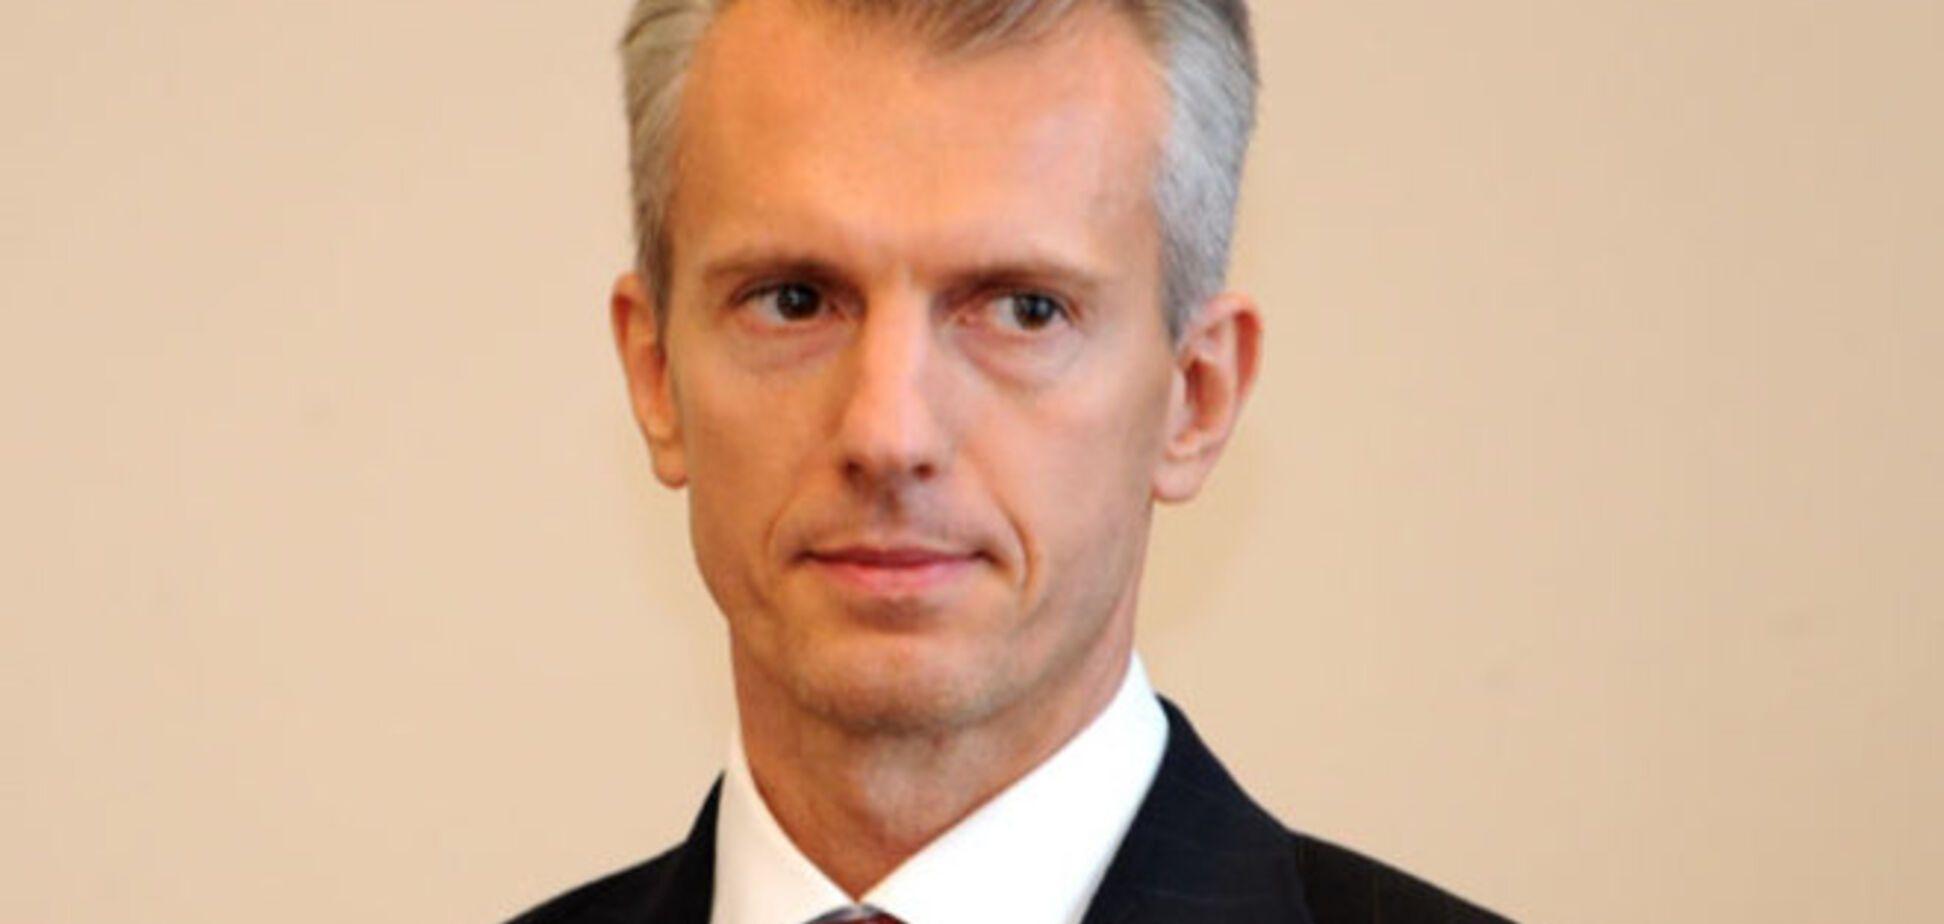 Хорошковський йде в Раду за списком 'Сильної України'